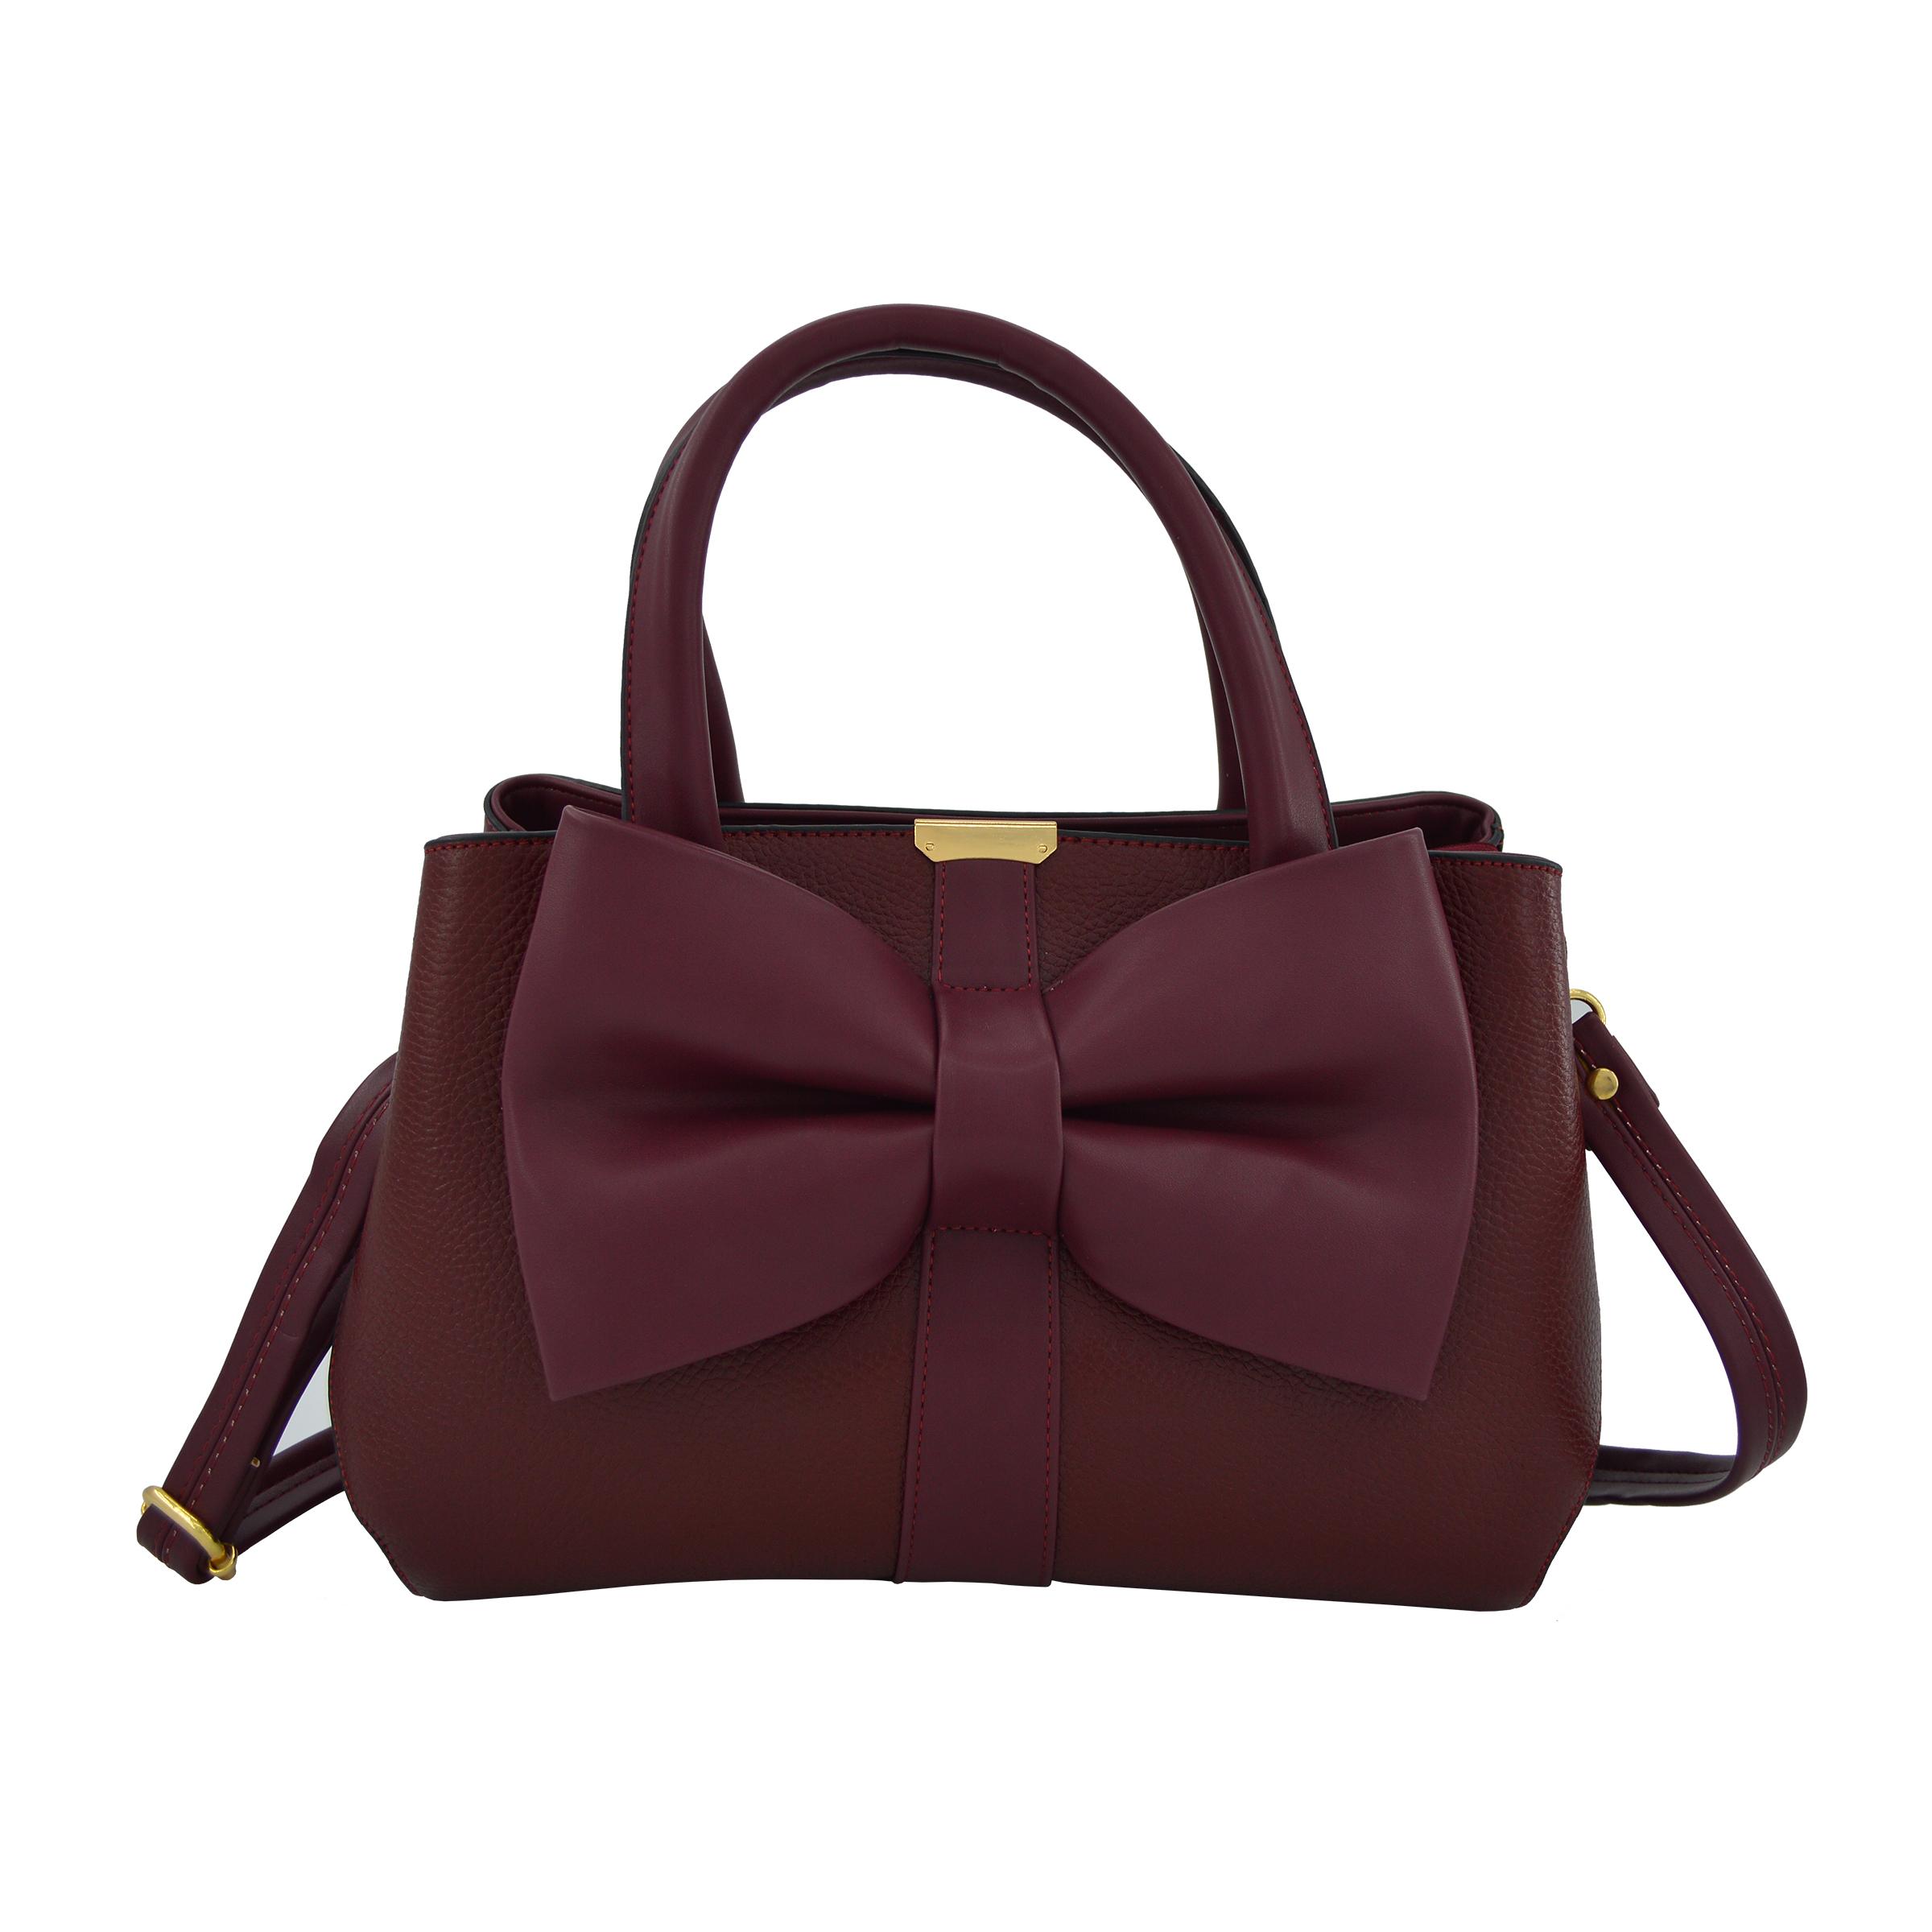 کیف دستی زنانه چرم مکس مدل آلدورا 11305